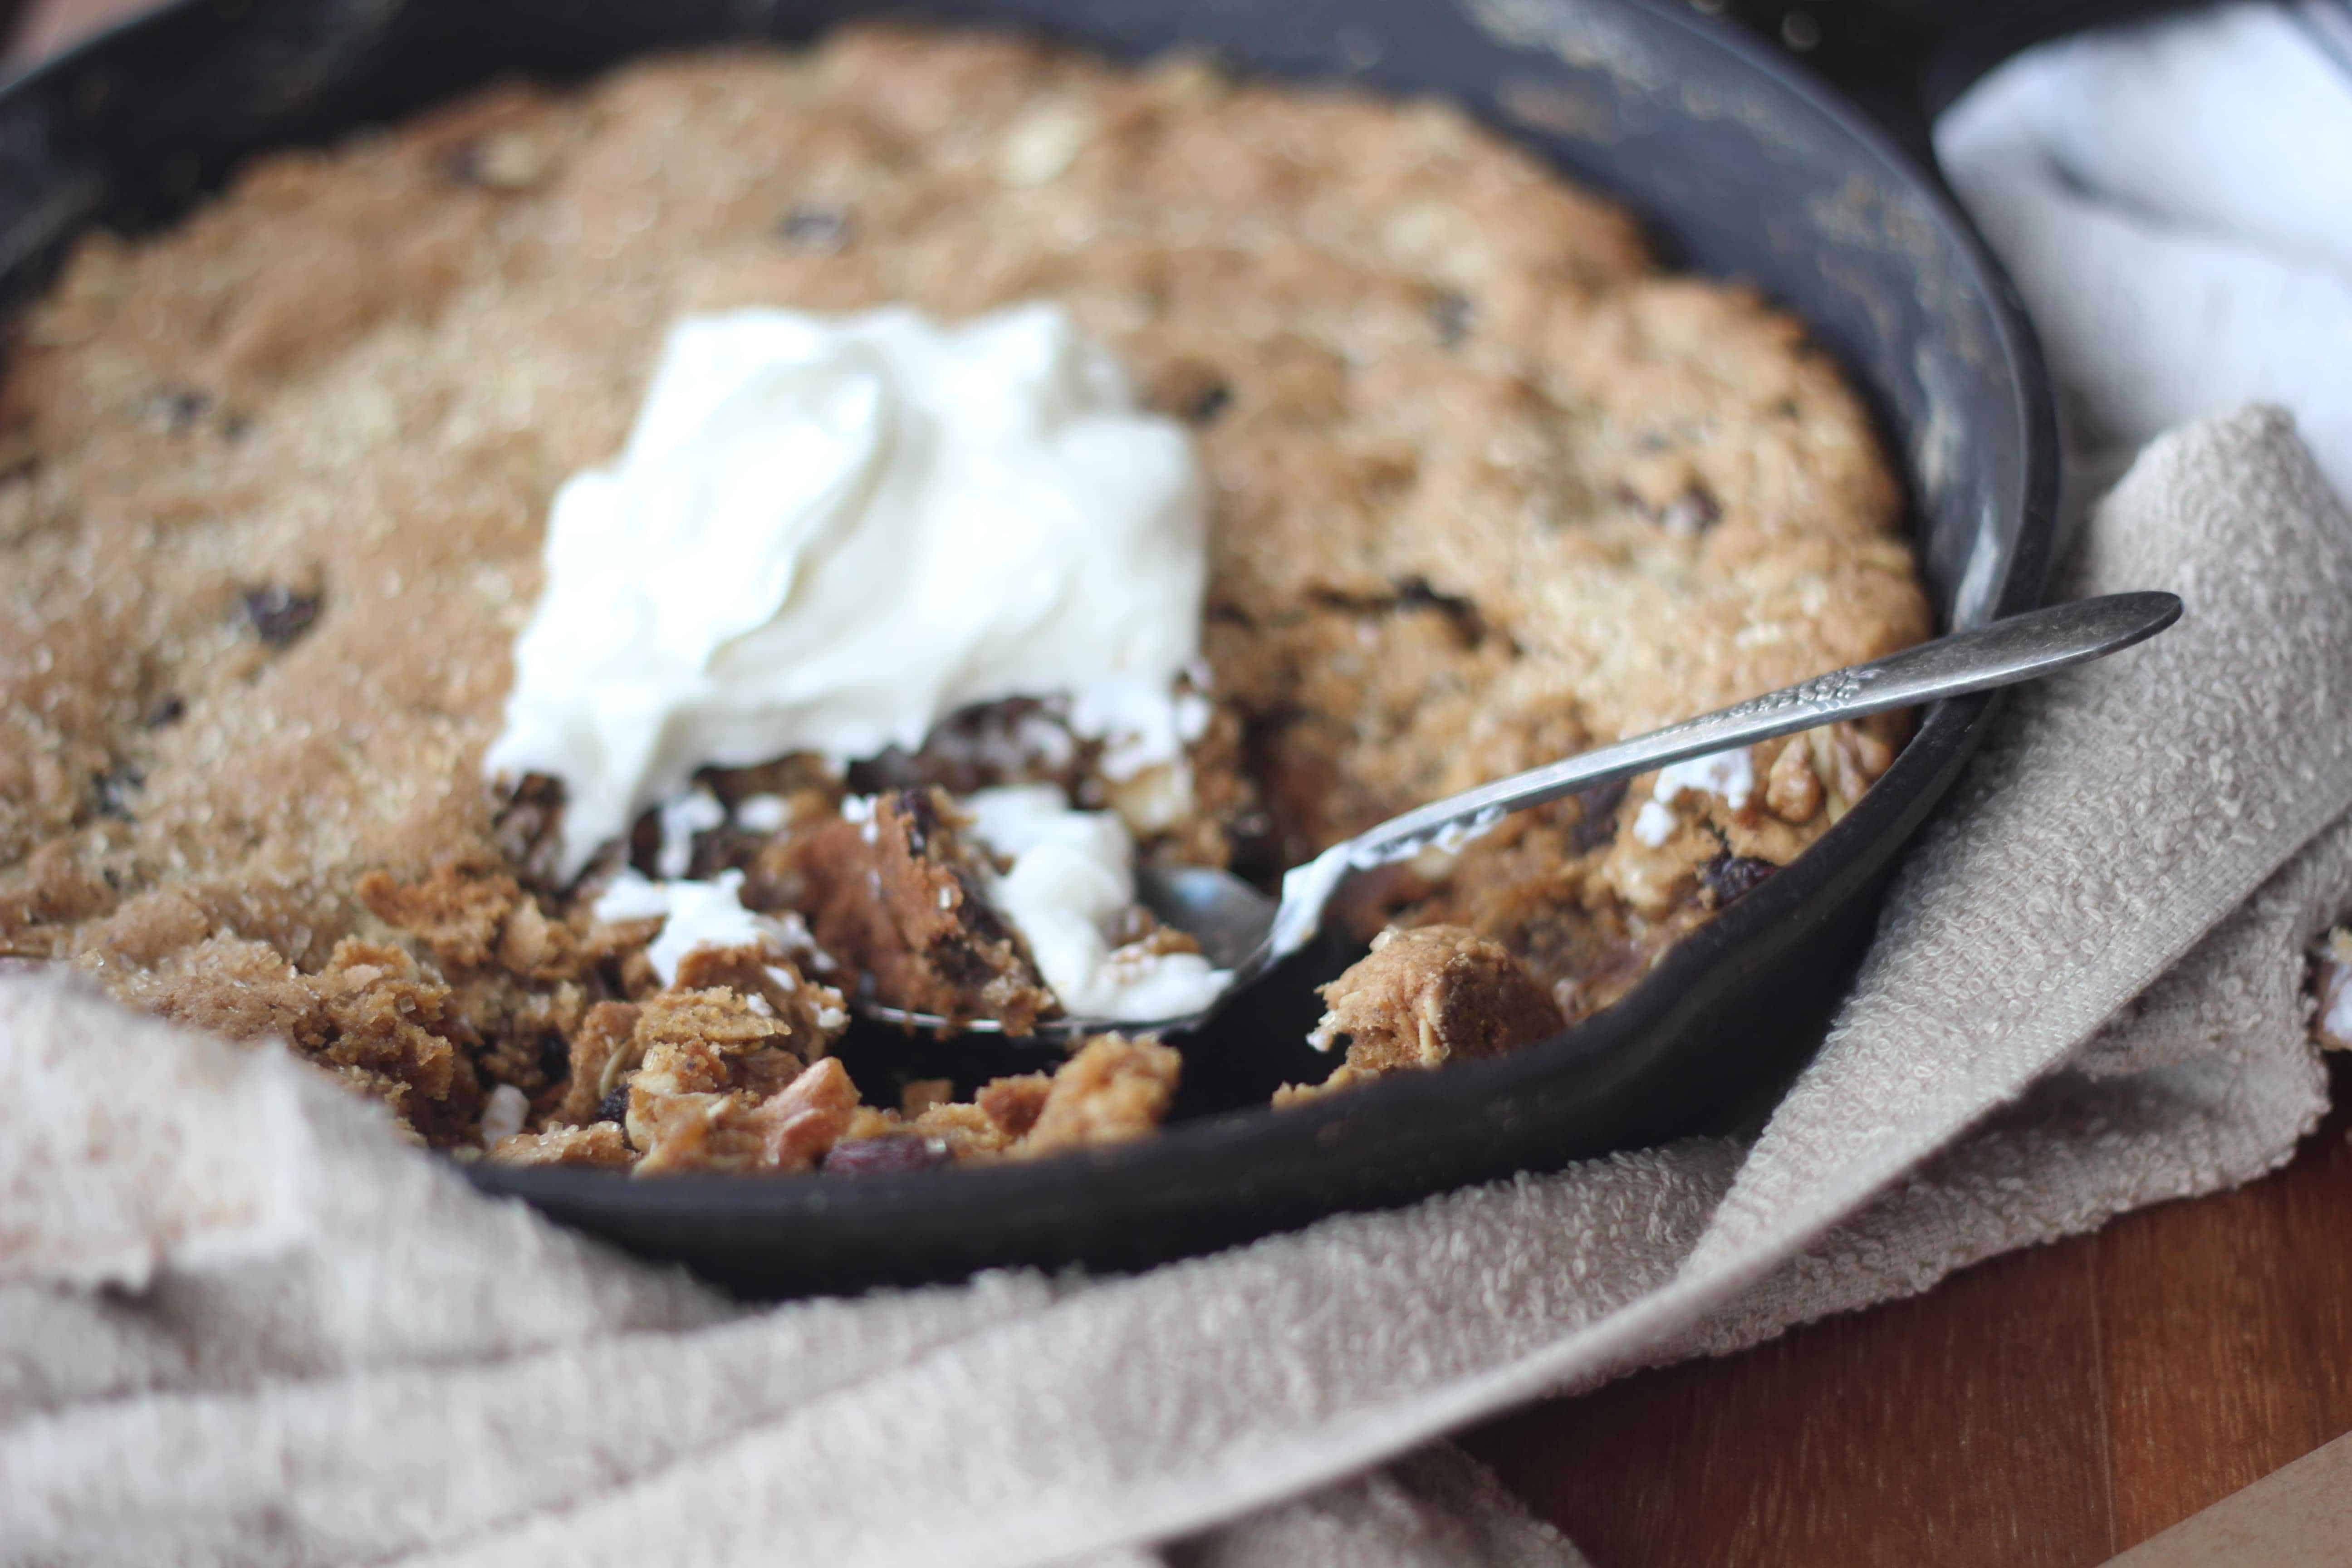 One Pan Breakfast: Maple Oatmeal Raisin Skillet Cookie - Baker Bettie